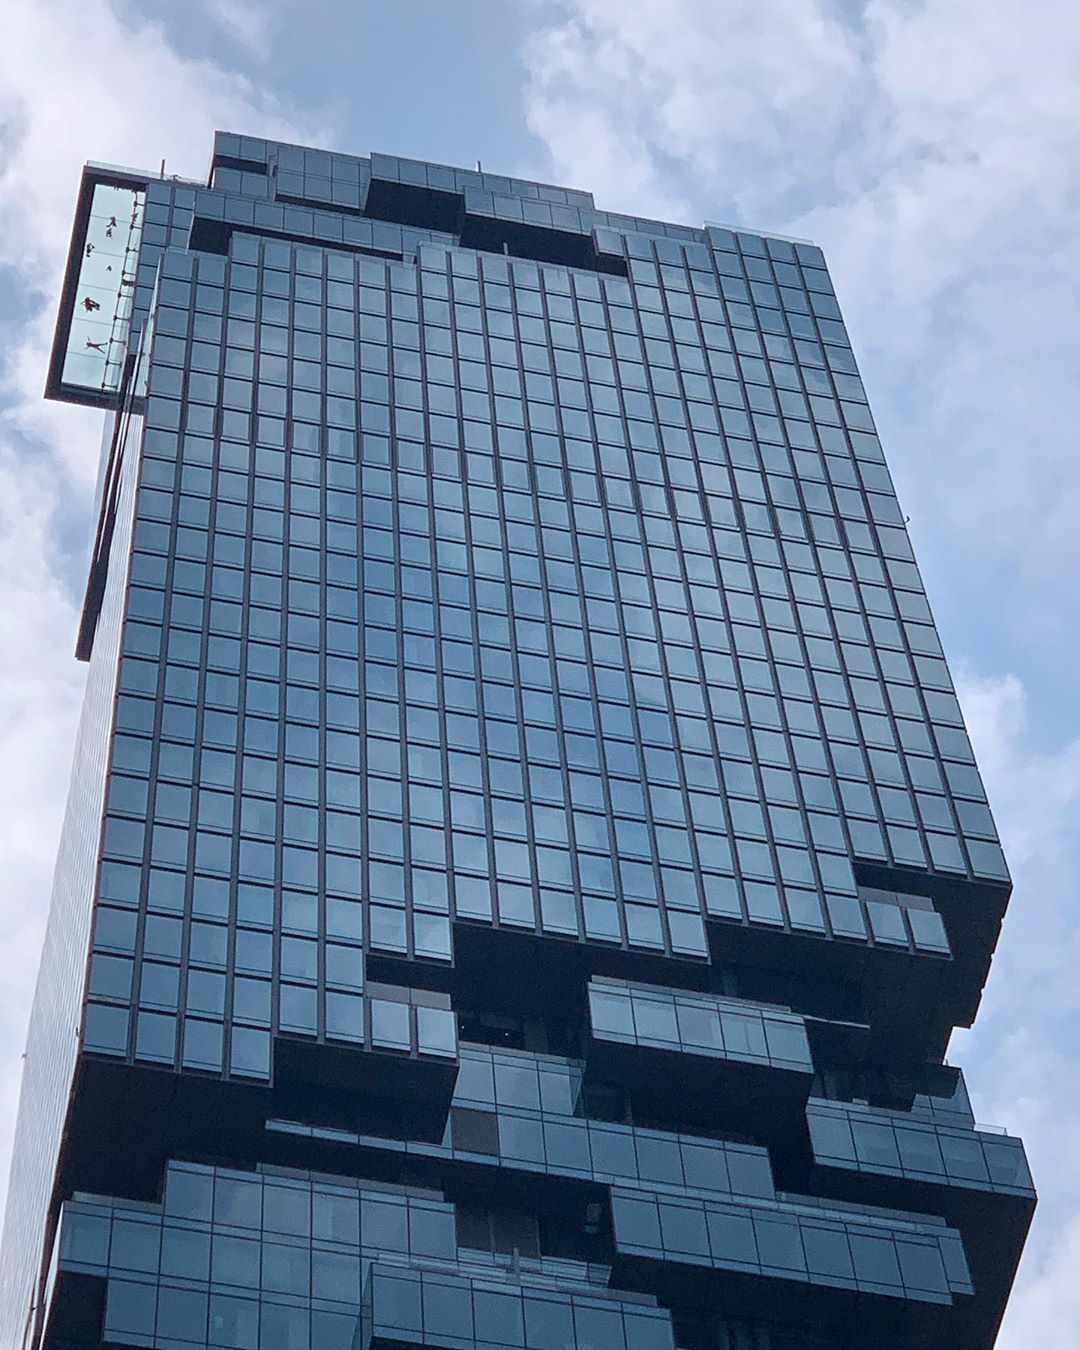 De SkyWalk van de King Power MahaNakhon gebouw in Bangkok gezien vanaf beneden